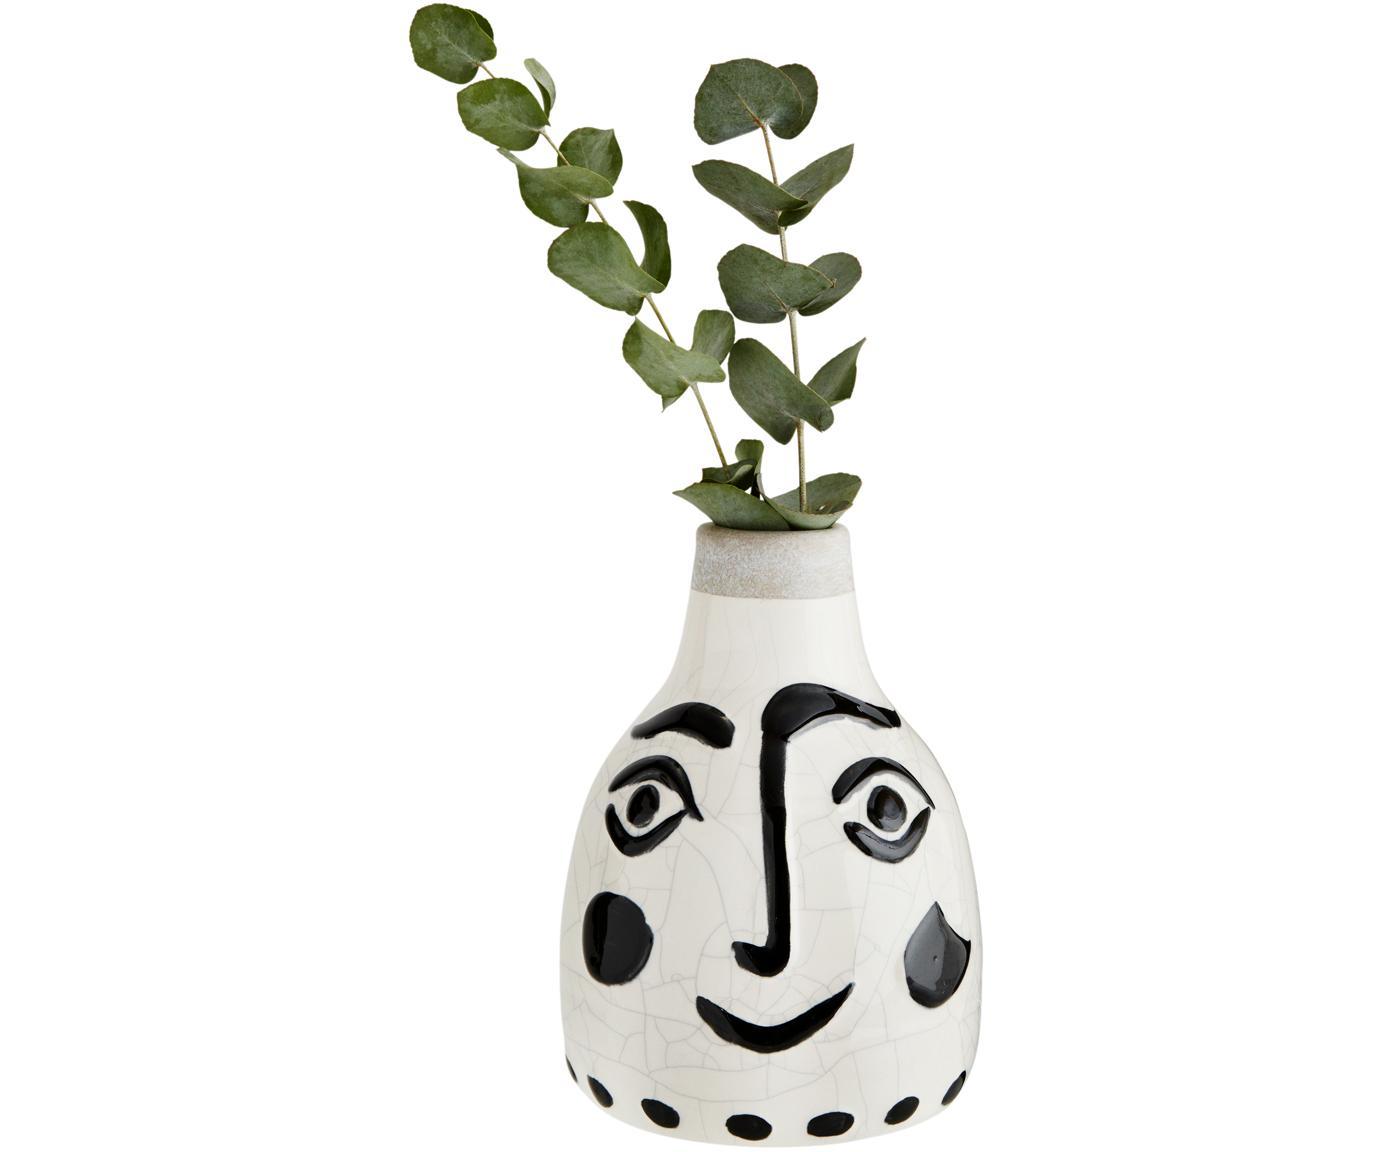 Vase Face mit Craquelé Glasur, Steingut, Weiß, Schwarz, Ø 14 x H 21 cm